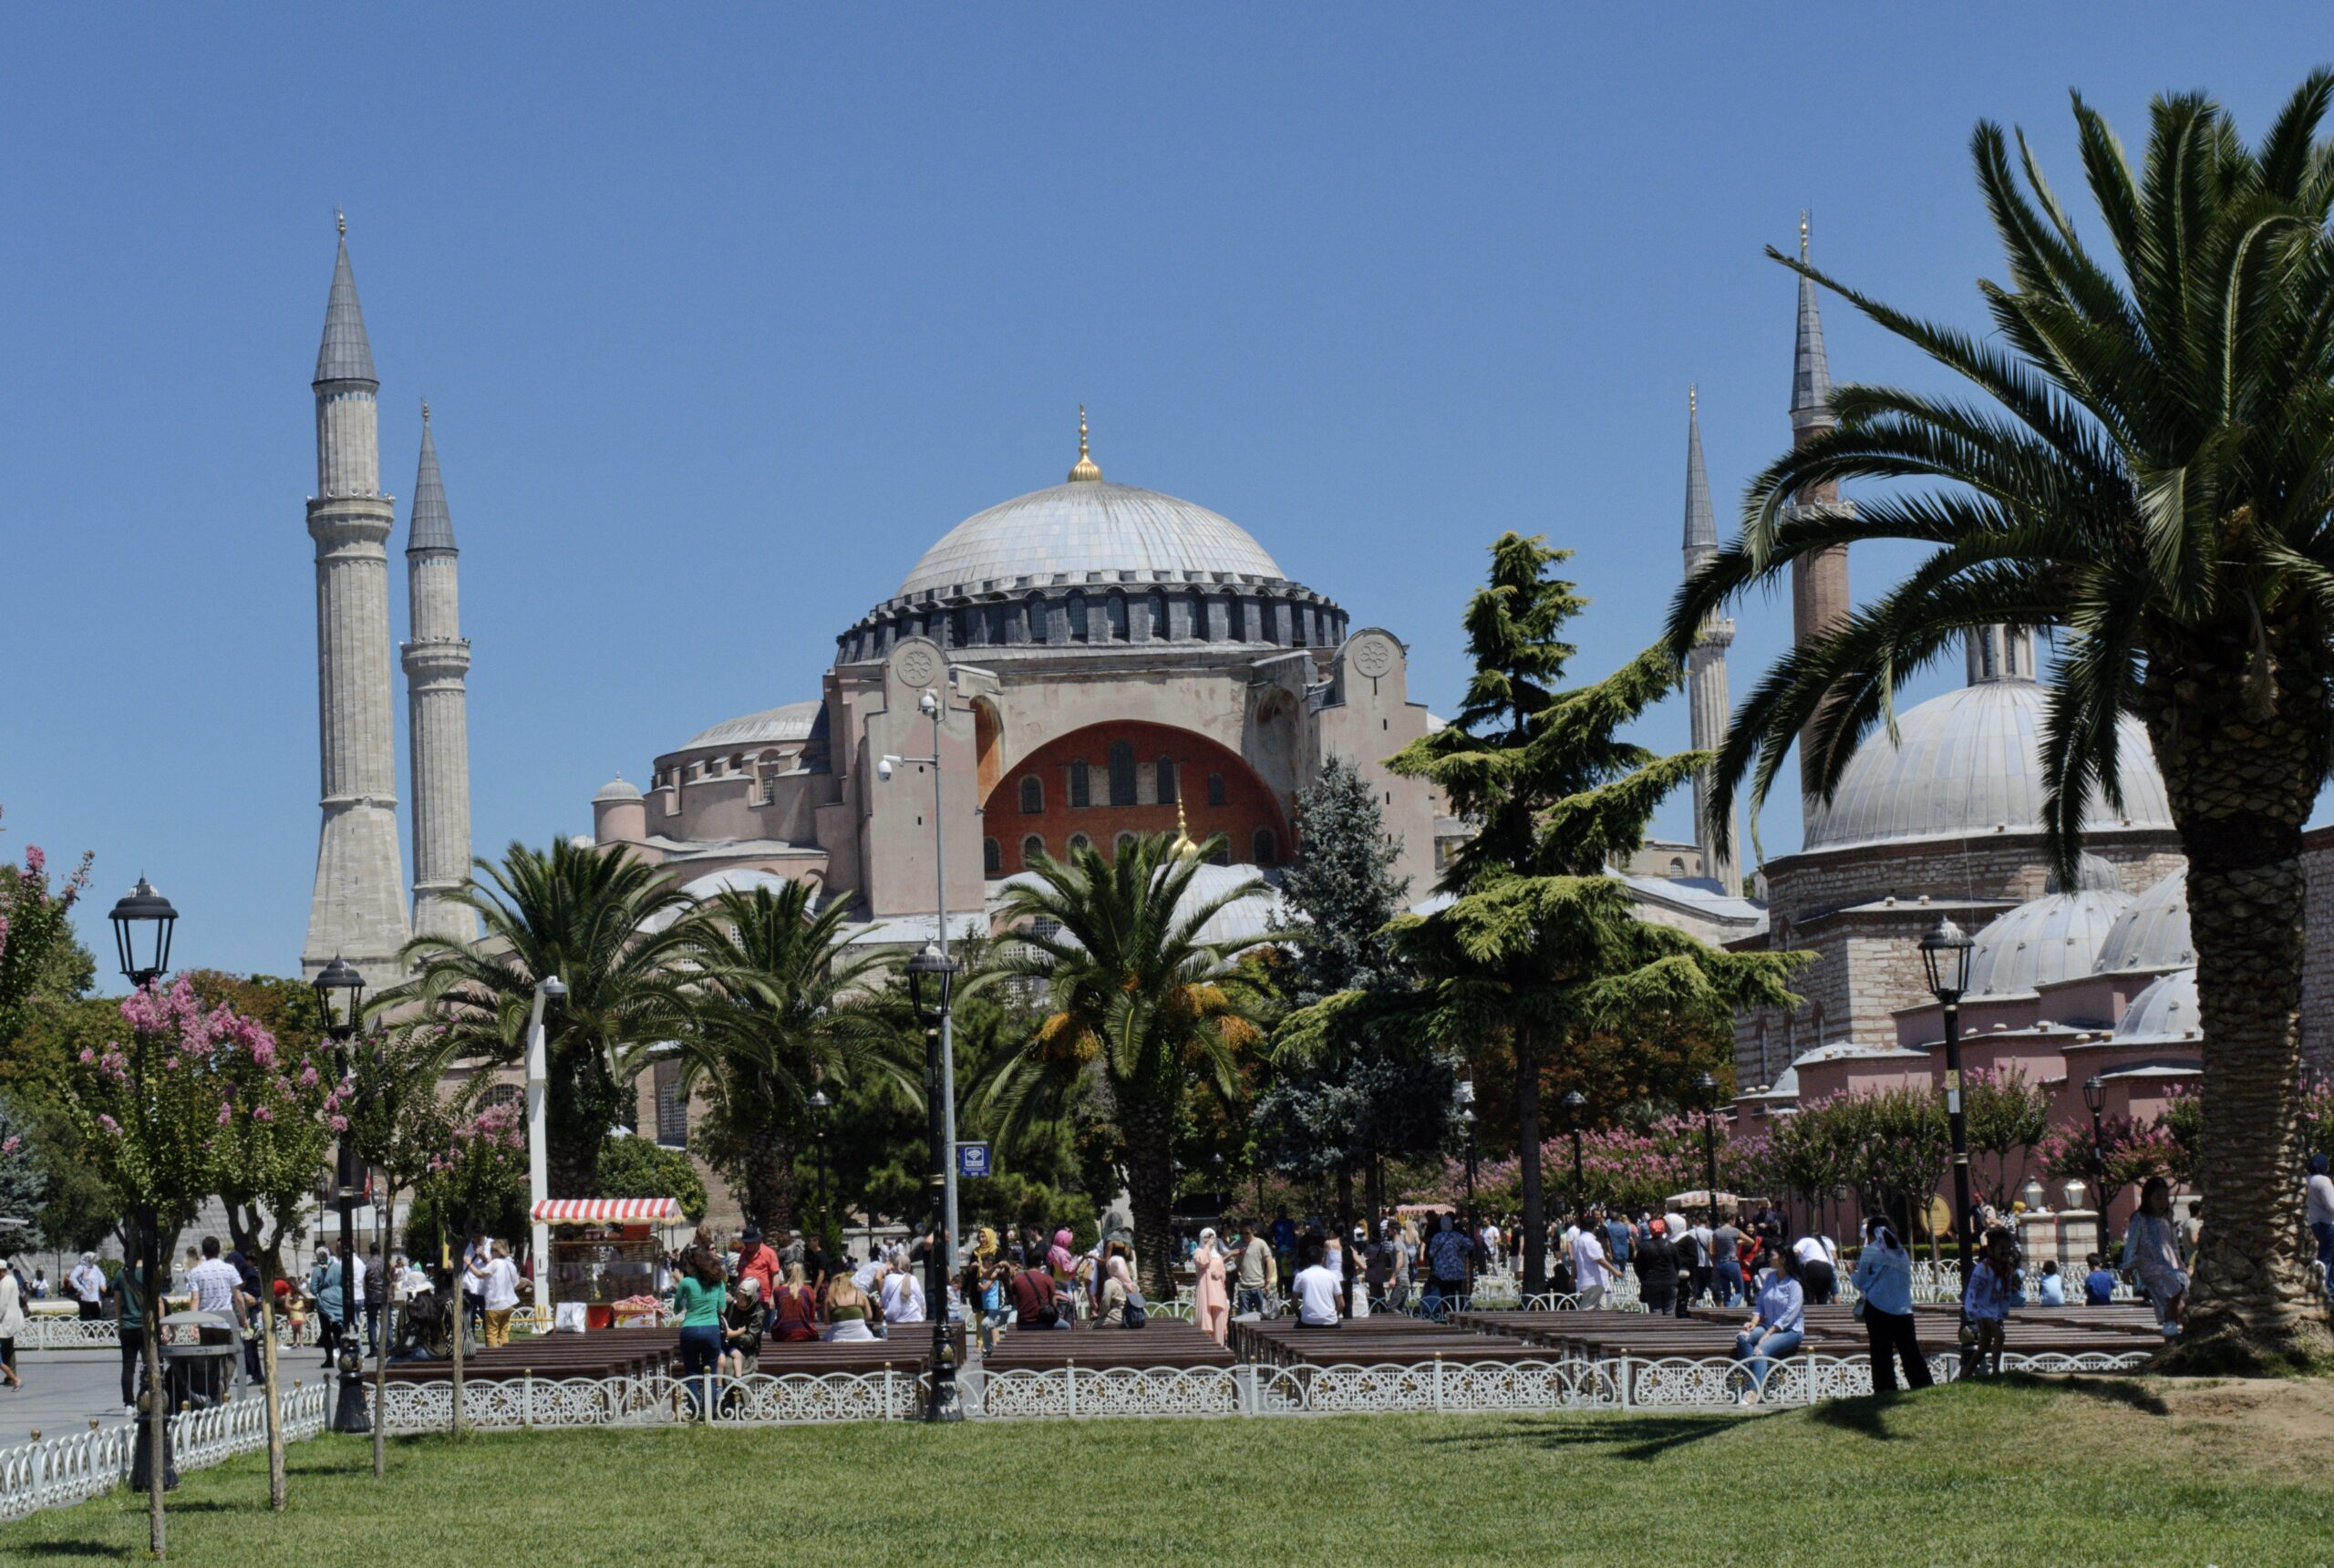 Roteiro de 24 horas em Istambul: quando ir, onde ficar e o que fazer